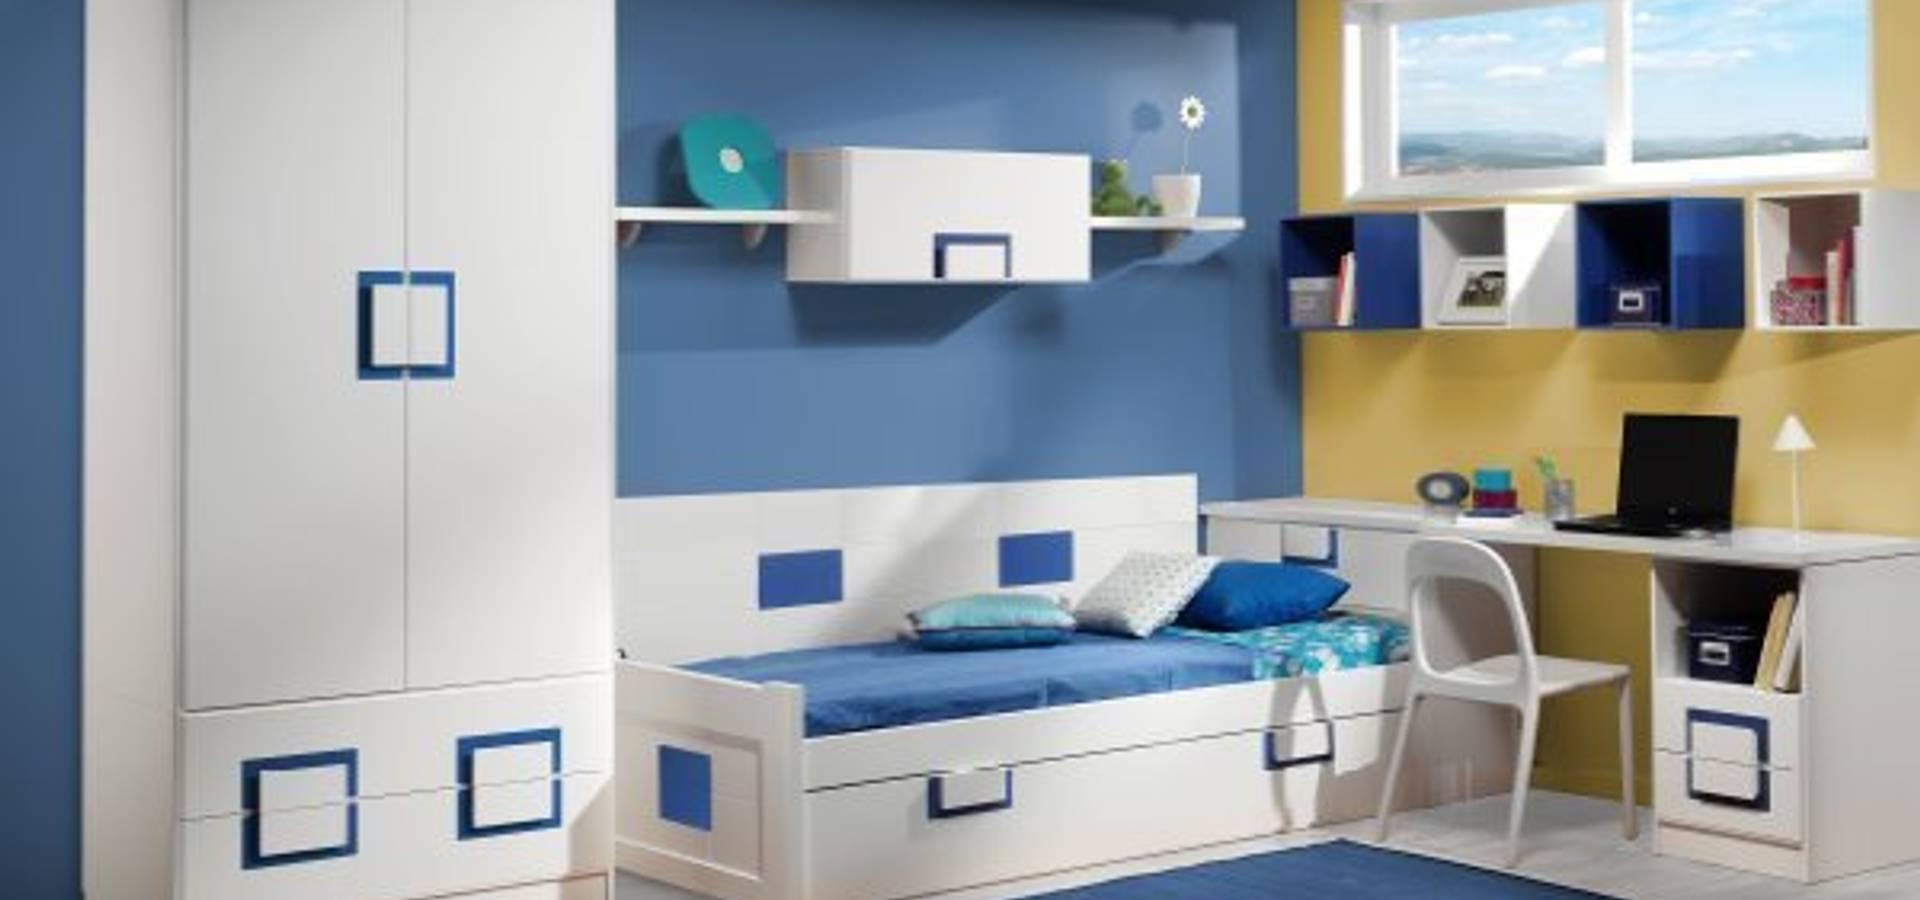 Muebles dalmi decoracion s l dormitorios infantiles con - Dormitorios infantiles con encanto ...